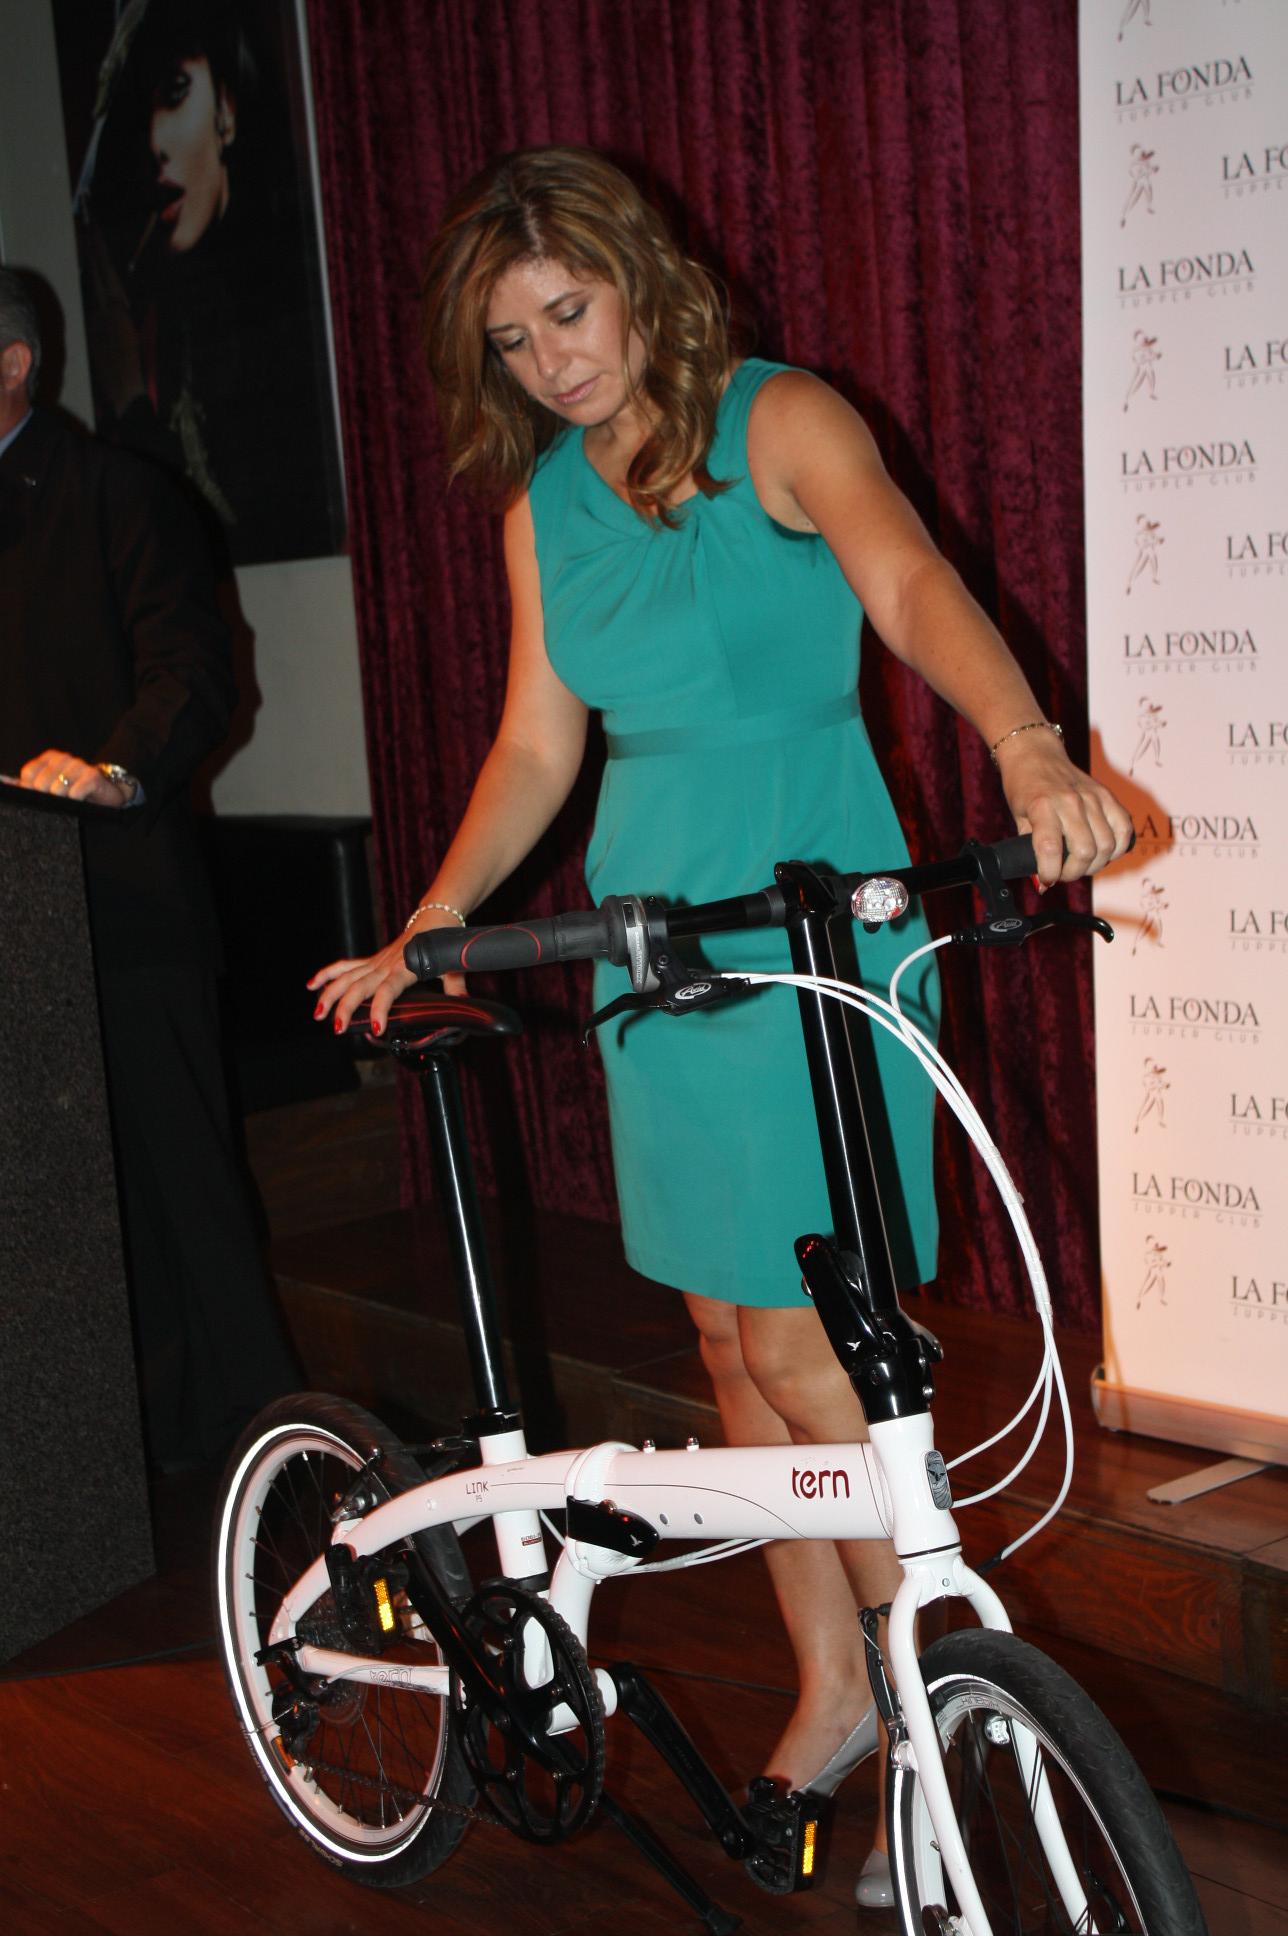 Lourdes López , miembro de la mesa directiva de LACBC, muestra una de las bicicletas subastada. (Foto Agustín Durán/El Pasajero)